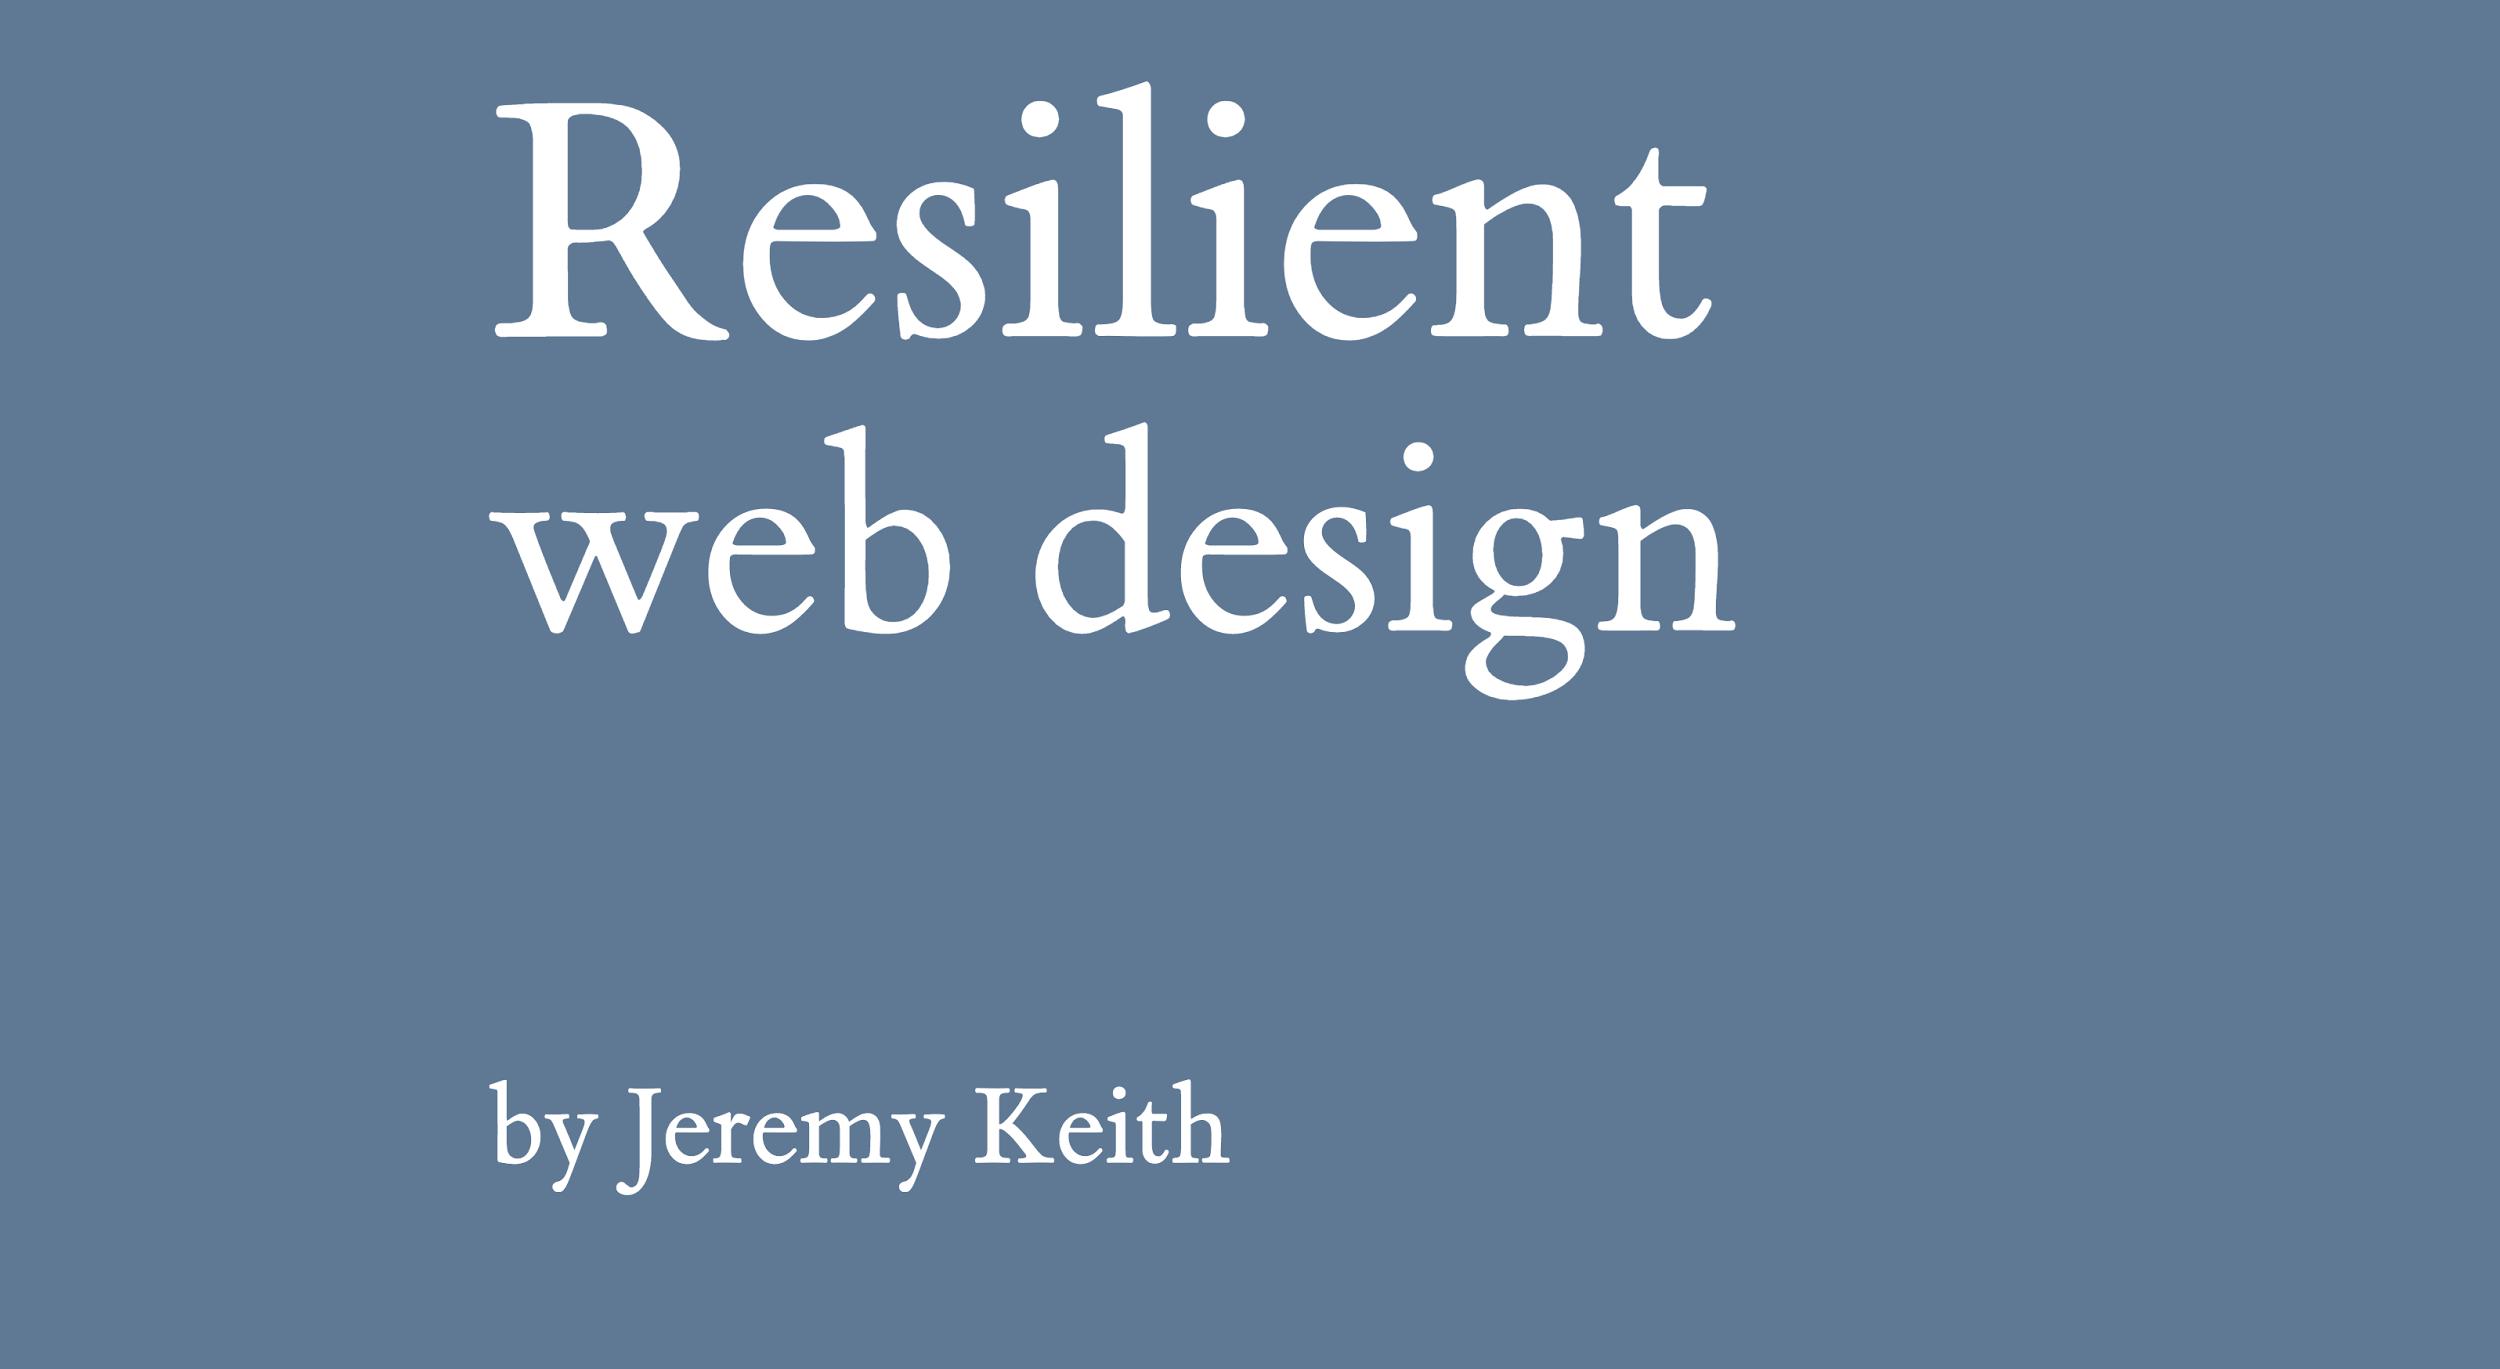 blog introcrea ebooks gratuitos que todo diseñador debe leer Resilient Web Design